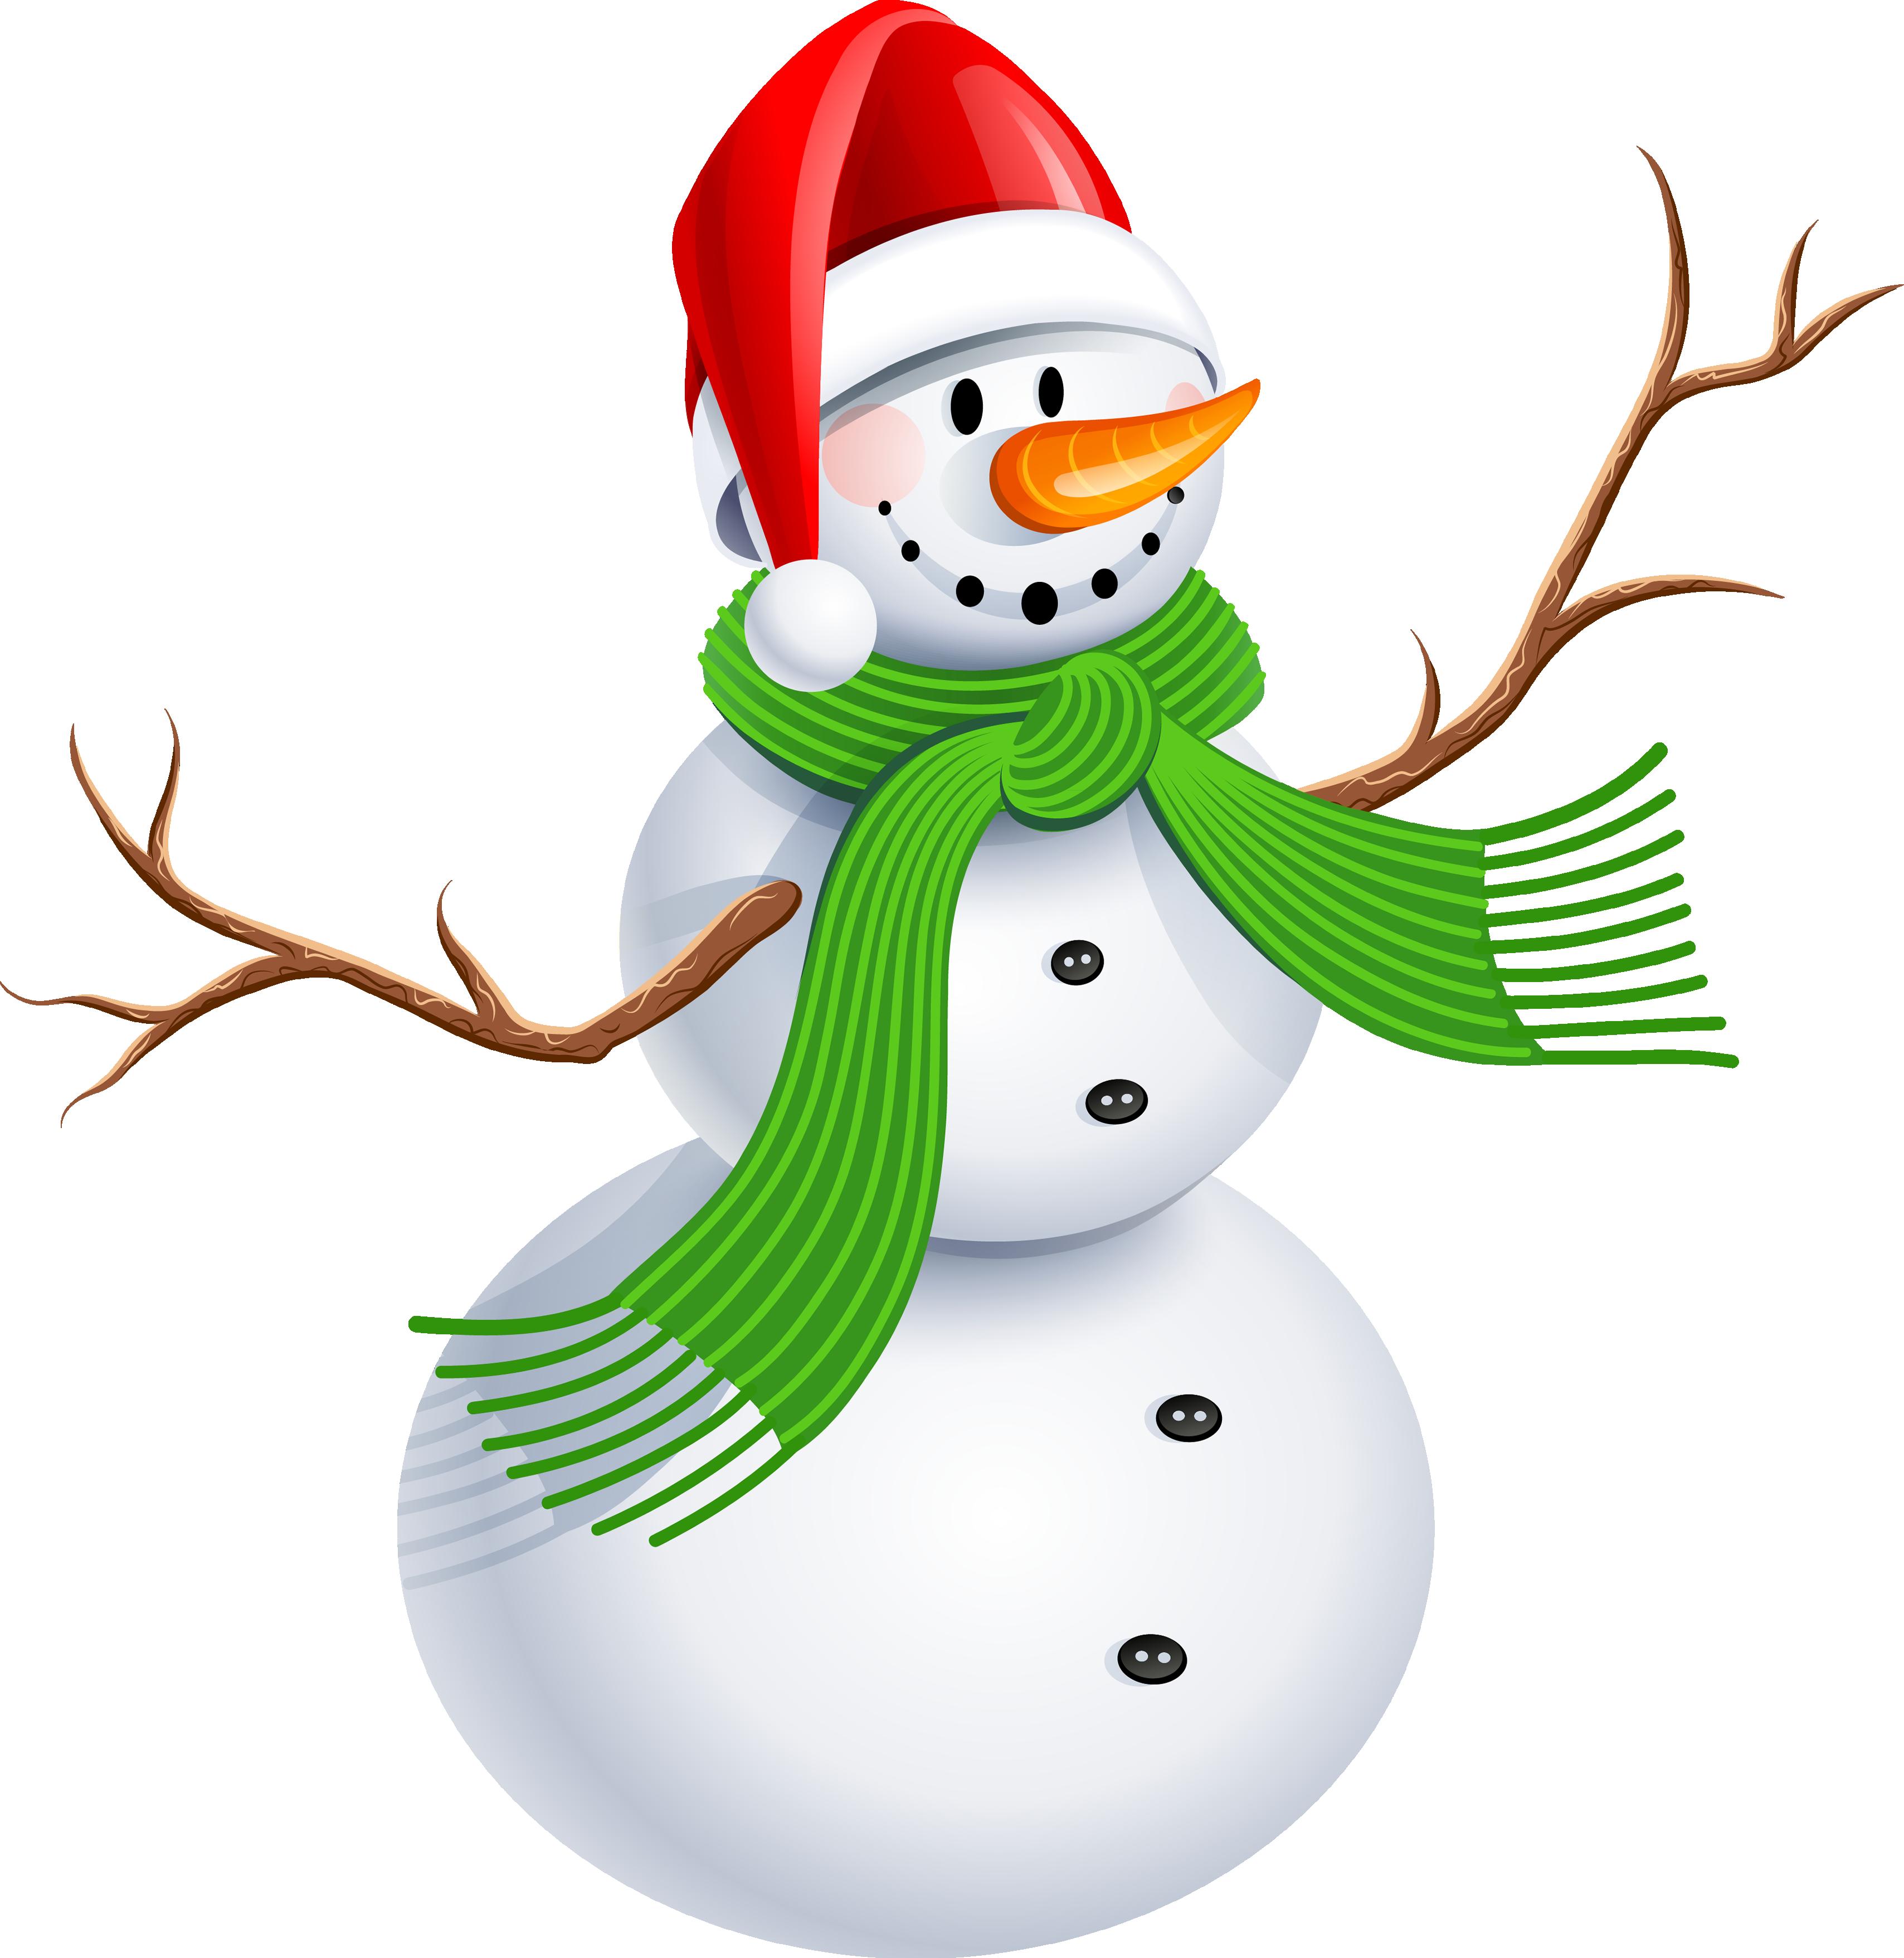 Snowman Clipart Png.